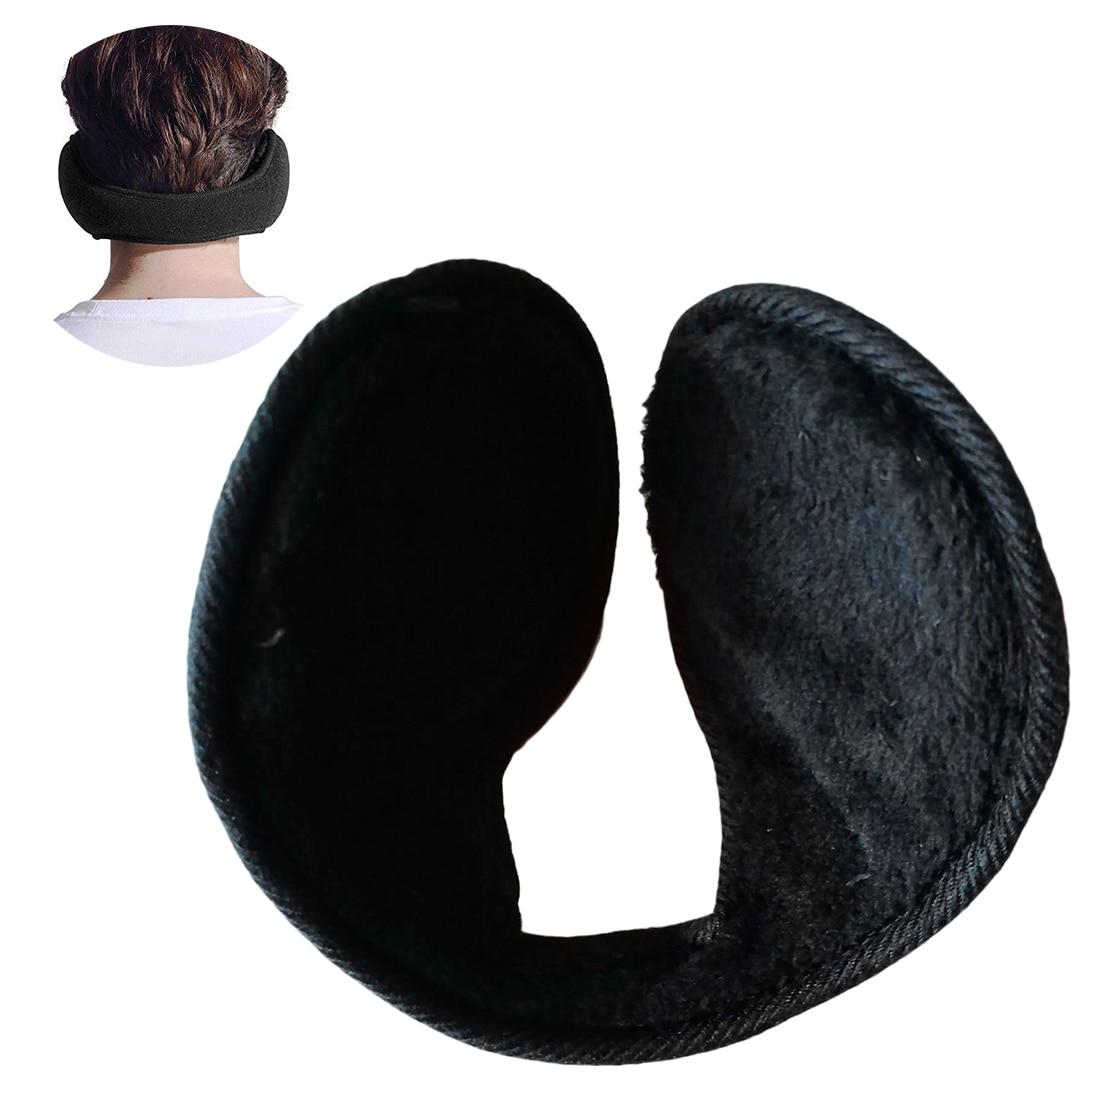 Unisex Earmuffs Black Ear Muffs Fleece Earwarmer Winter Ear warmers Mens Womens Behind the Head Design